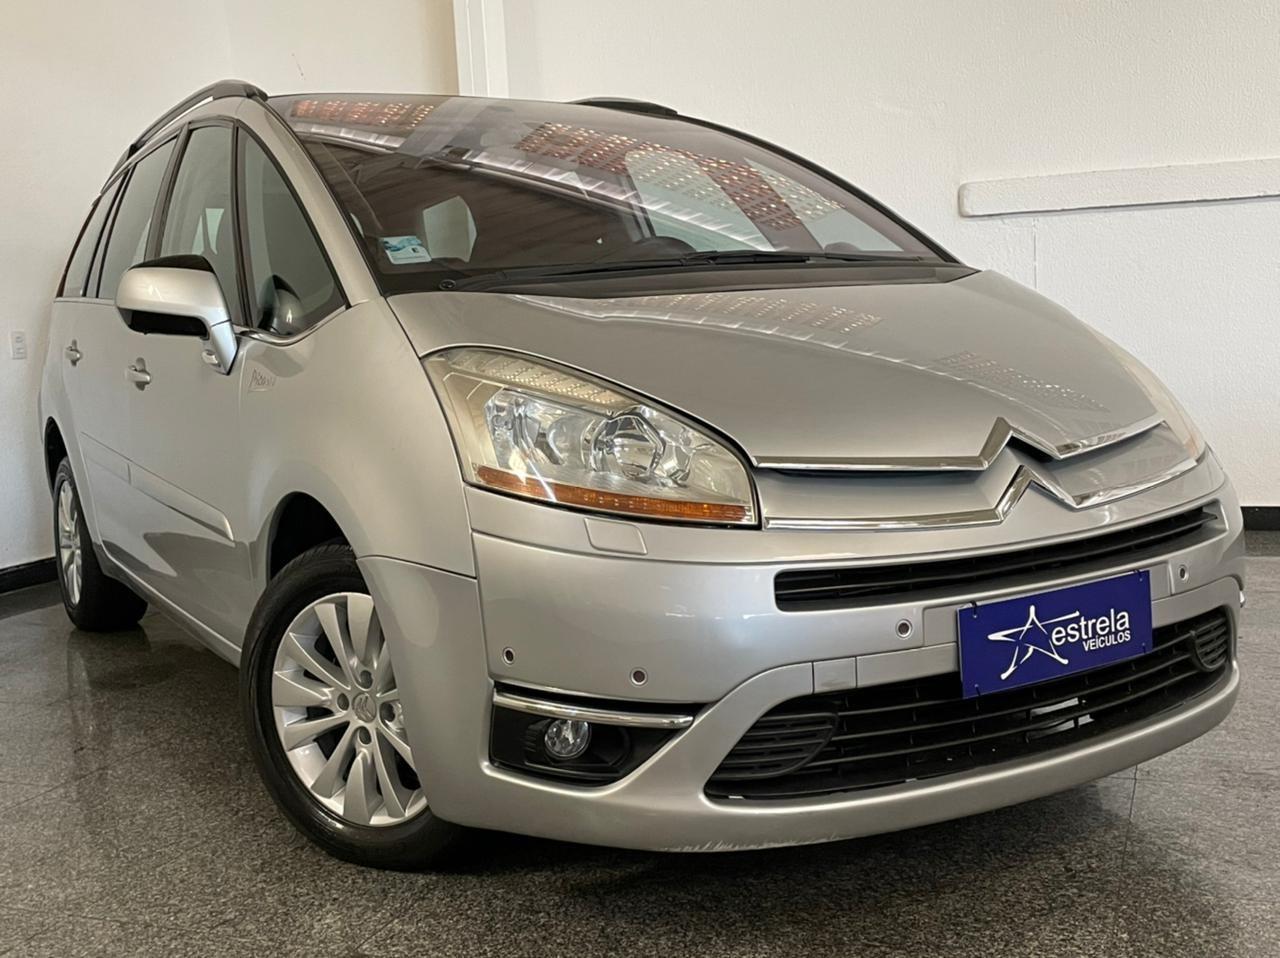 //www.autoline.com.br/carro/citroen/grand-c4-picasso-20-exclusive-16v-gasolina-4p-automatico/2009/belo-horizonte-mg/14538950